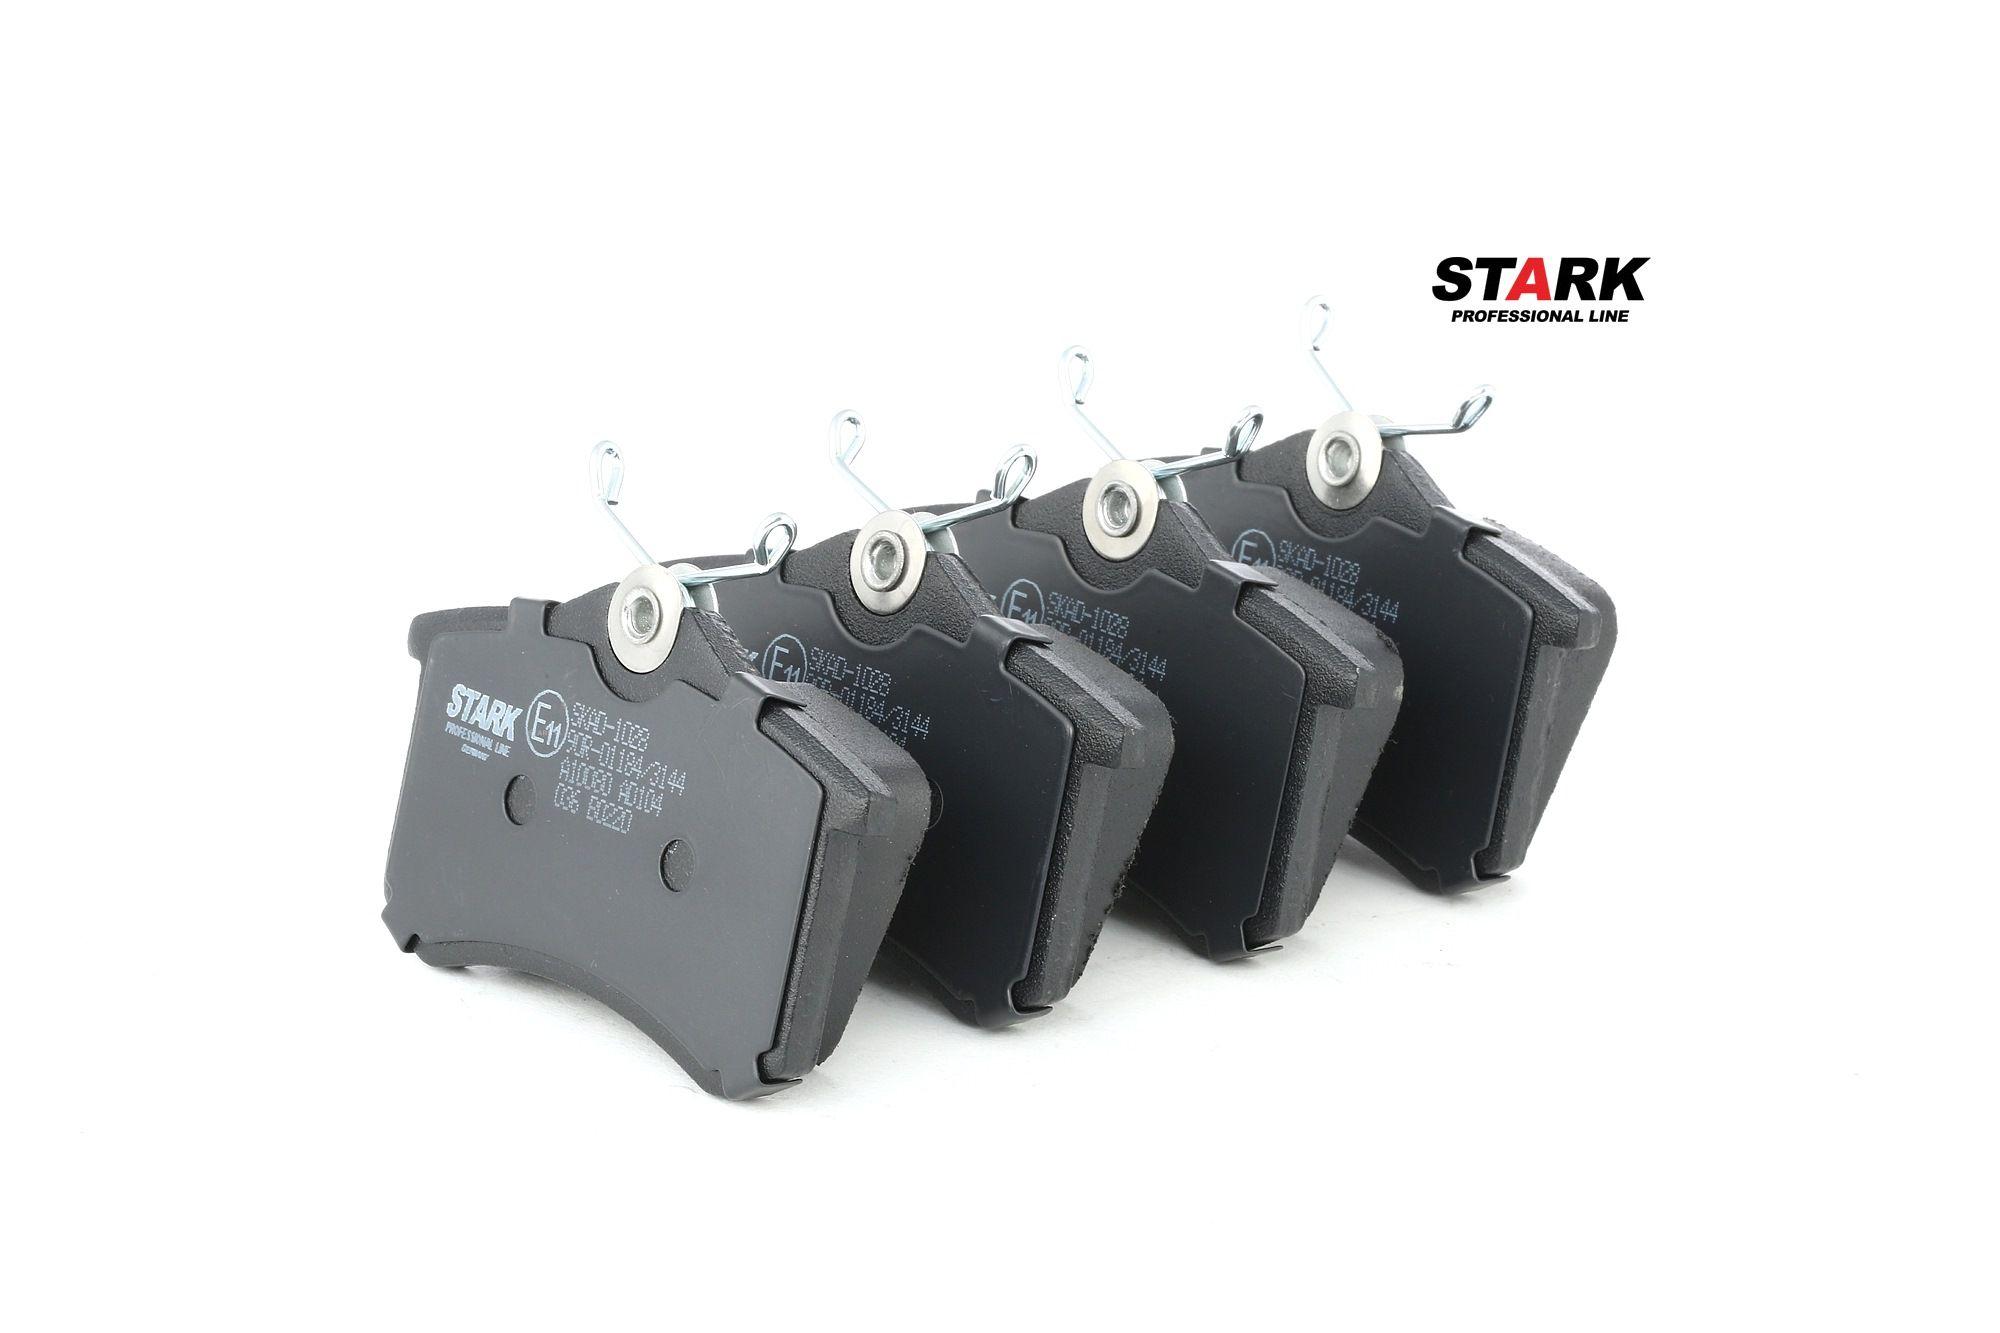 Juego de pastillas de freno STARK SKAD-1028 evaluación